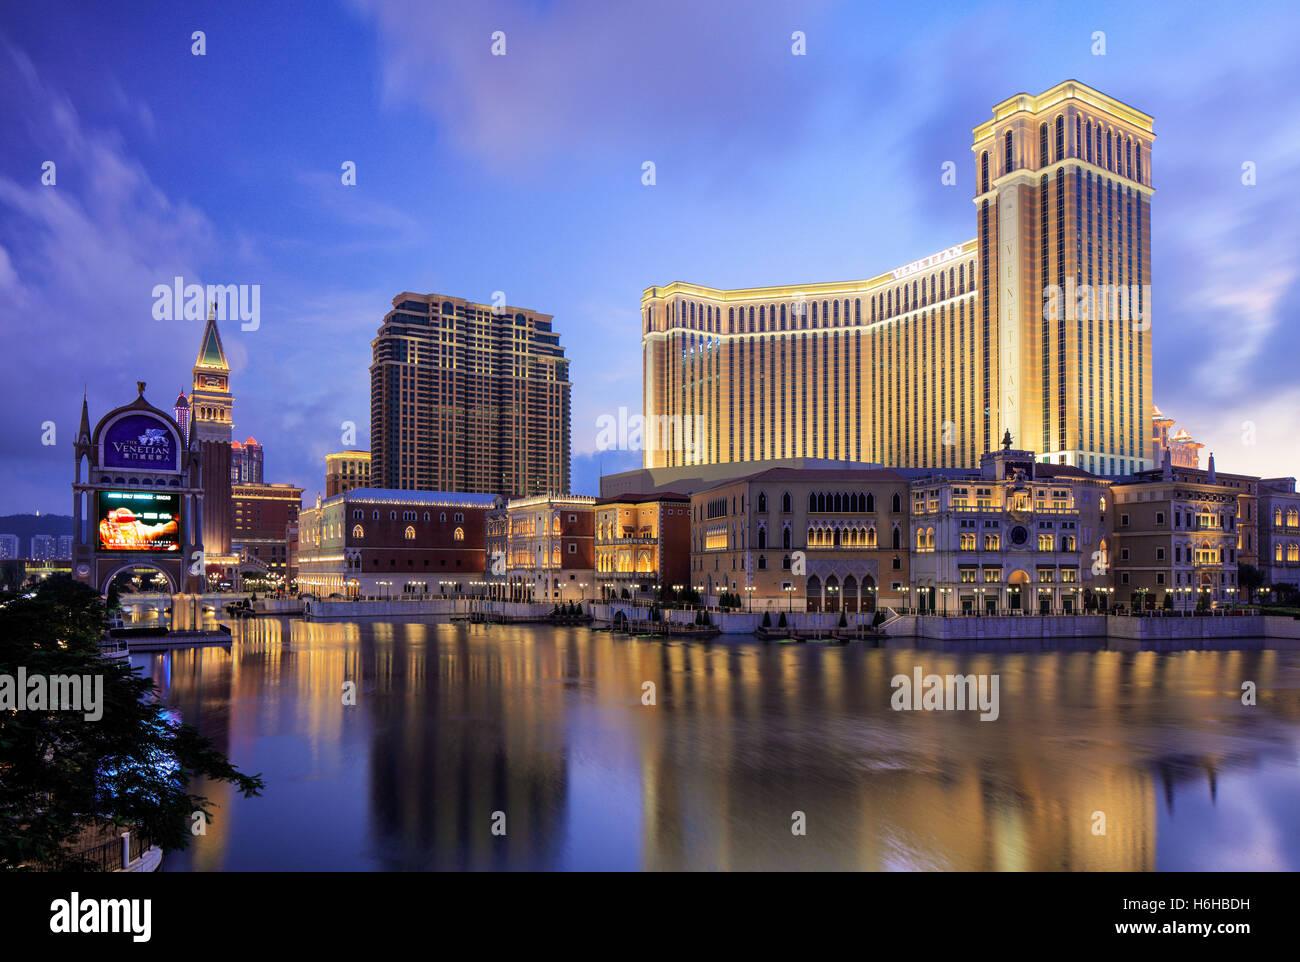 El Venetian Hotel y Casino, Cotai, Macao Imagen De Stock